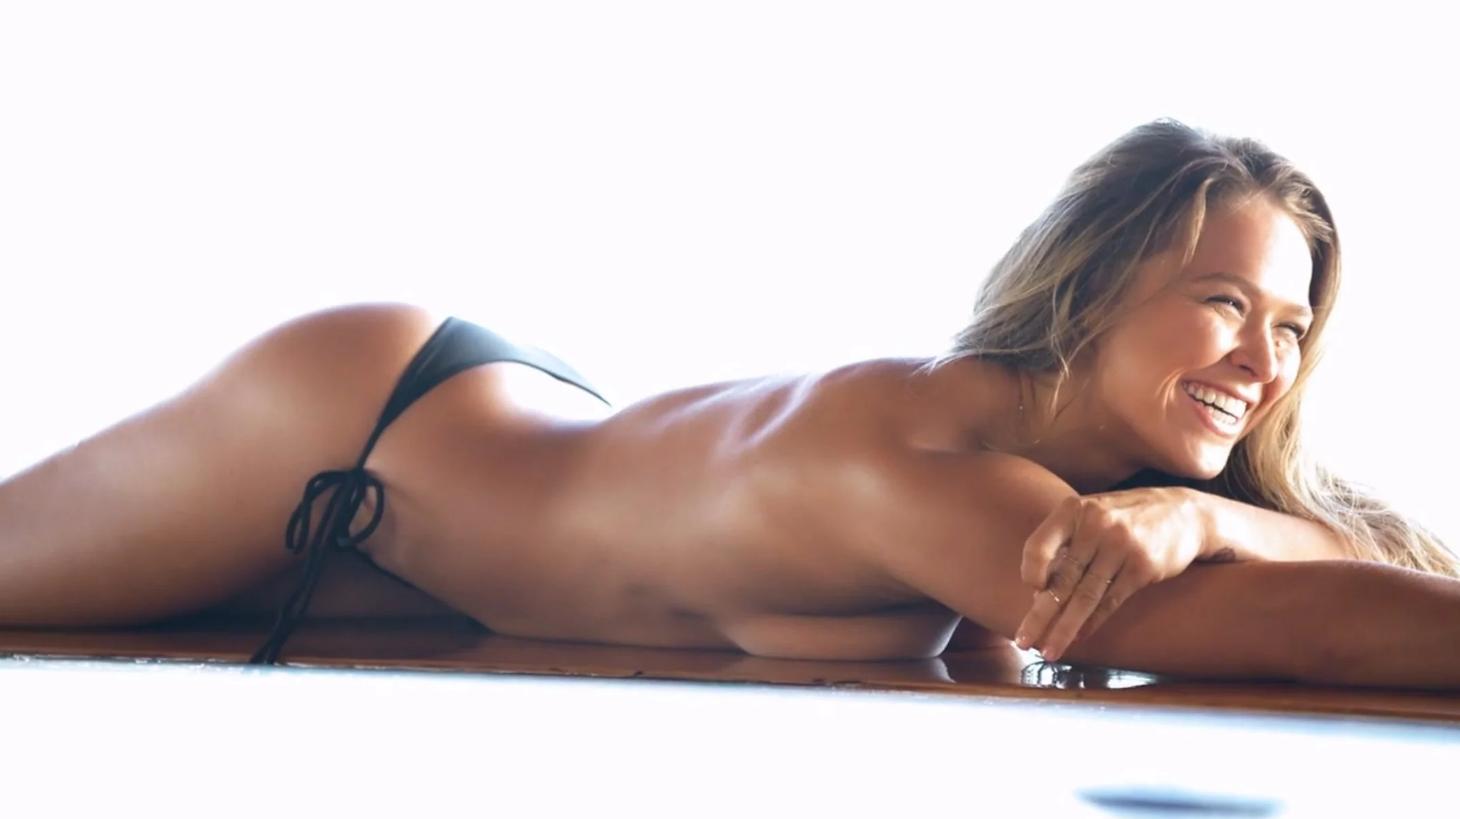 Ronda Rousey desnuda: una luchadora demasiado sexy